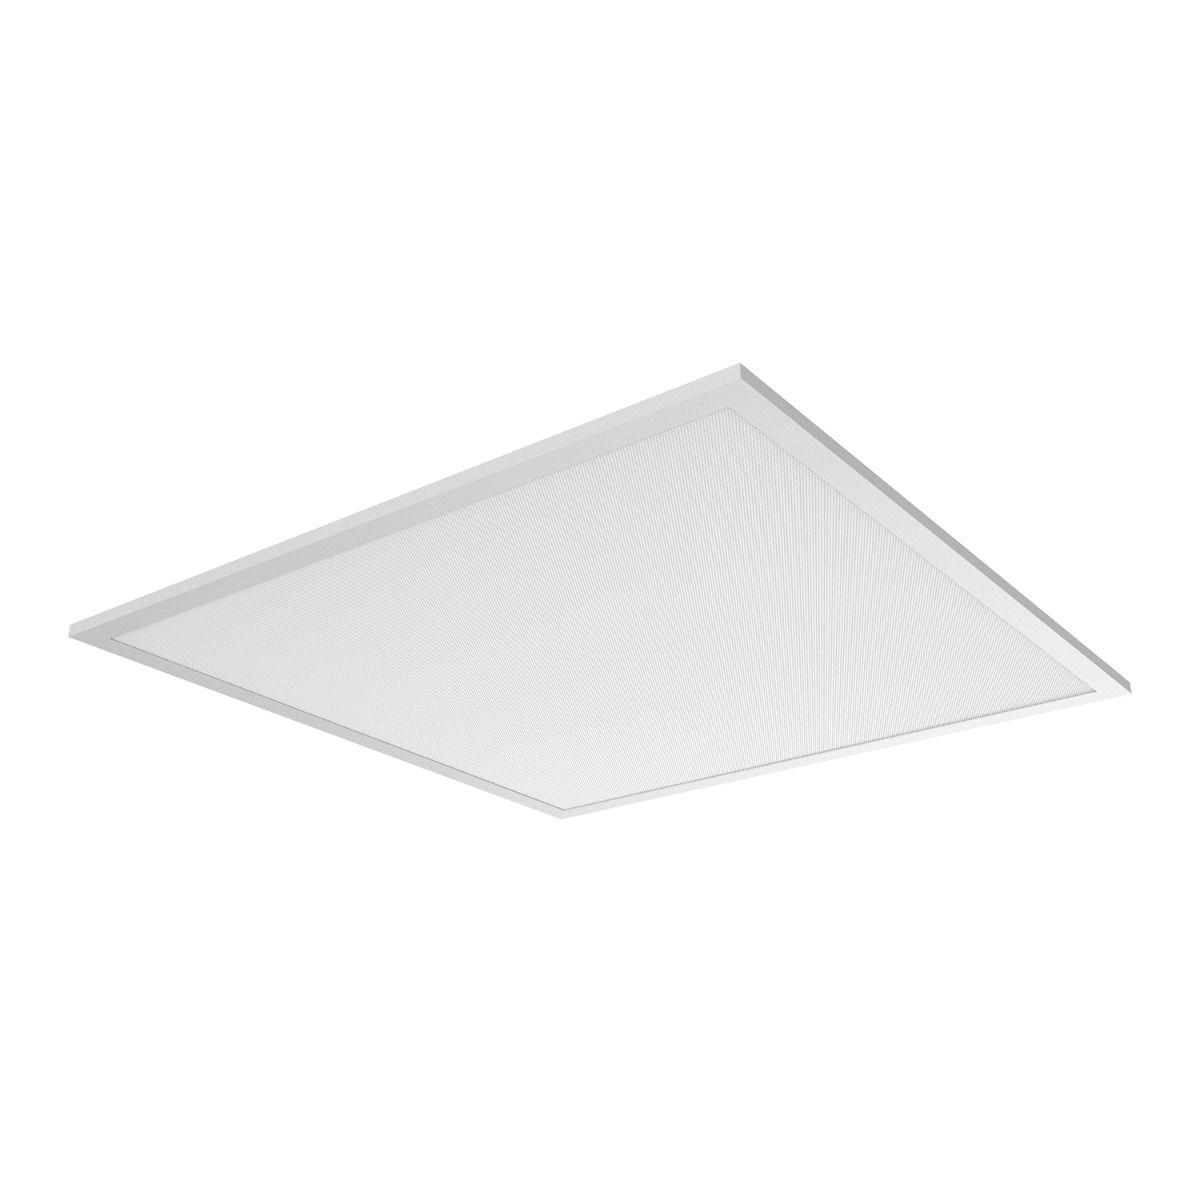 Noxion LED Panel Delta Pro V3 30W 3000K 3960lm 60x60cm UGR <19 | Varm Vit - Ersättare 4x18W